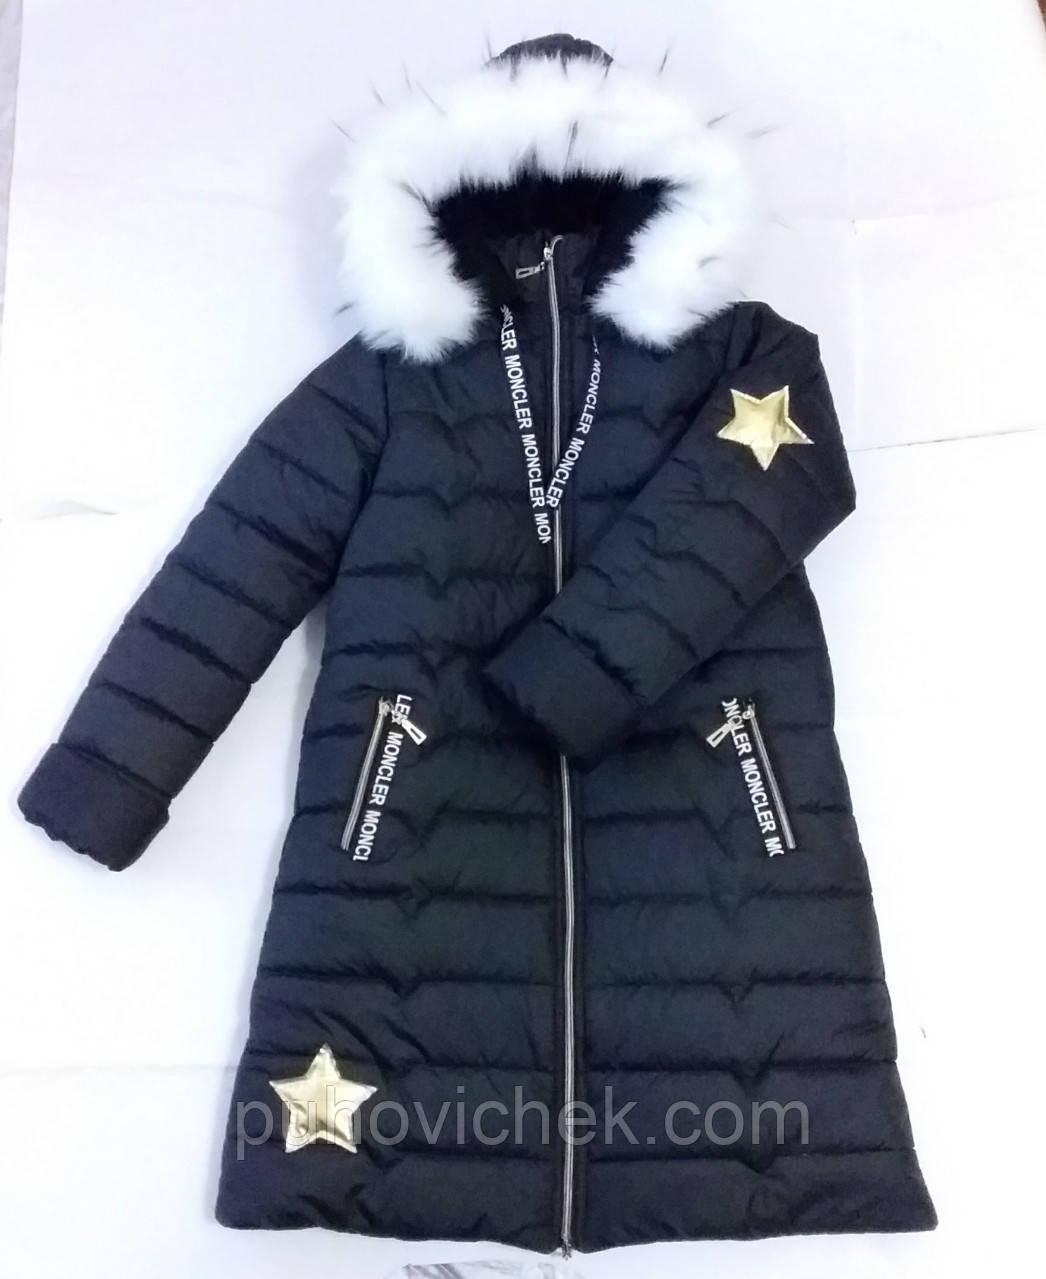 Зимние куртки и пальто для девочек интернет магазин